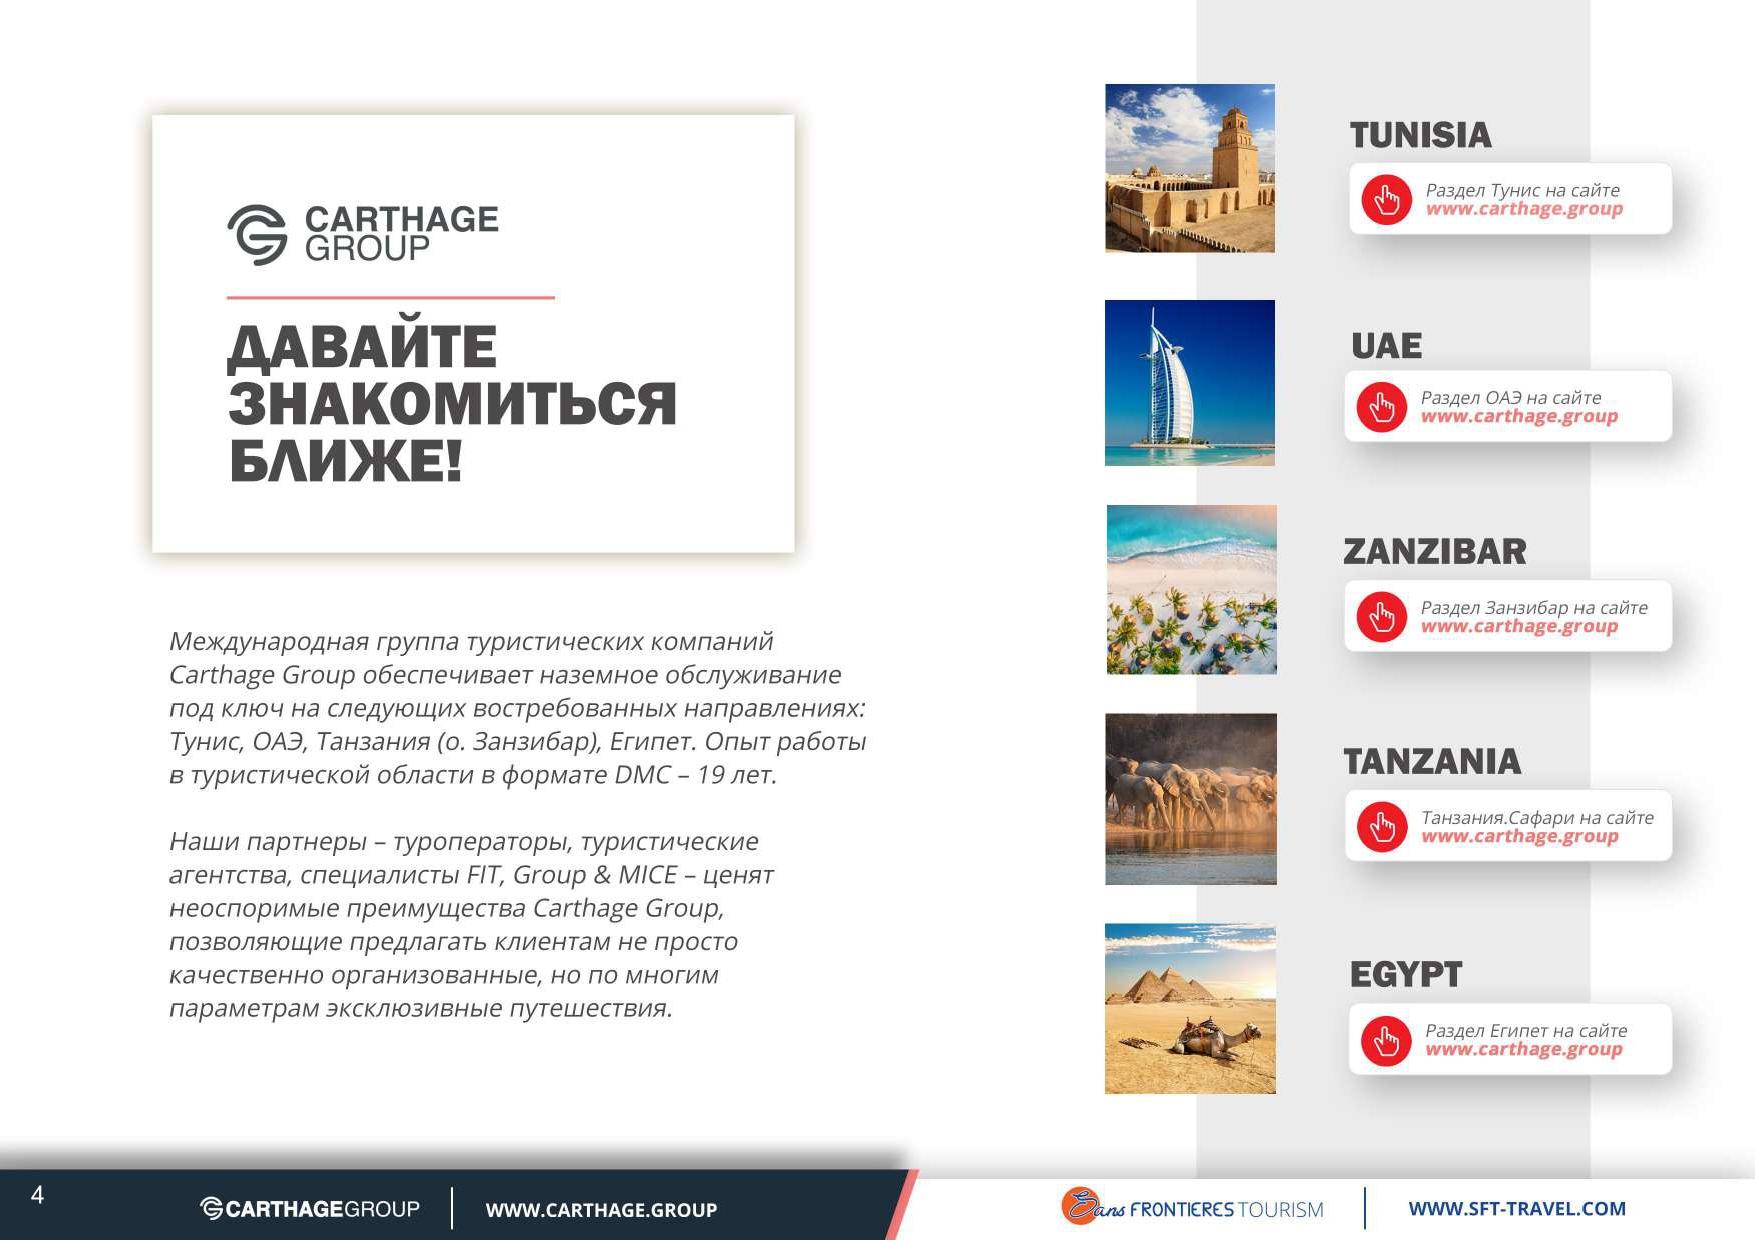 UAE presentation (4)